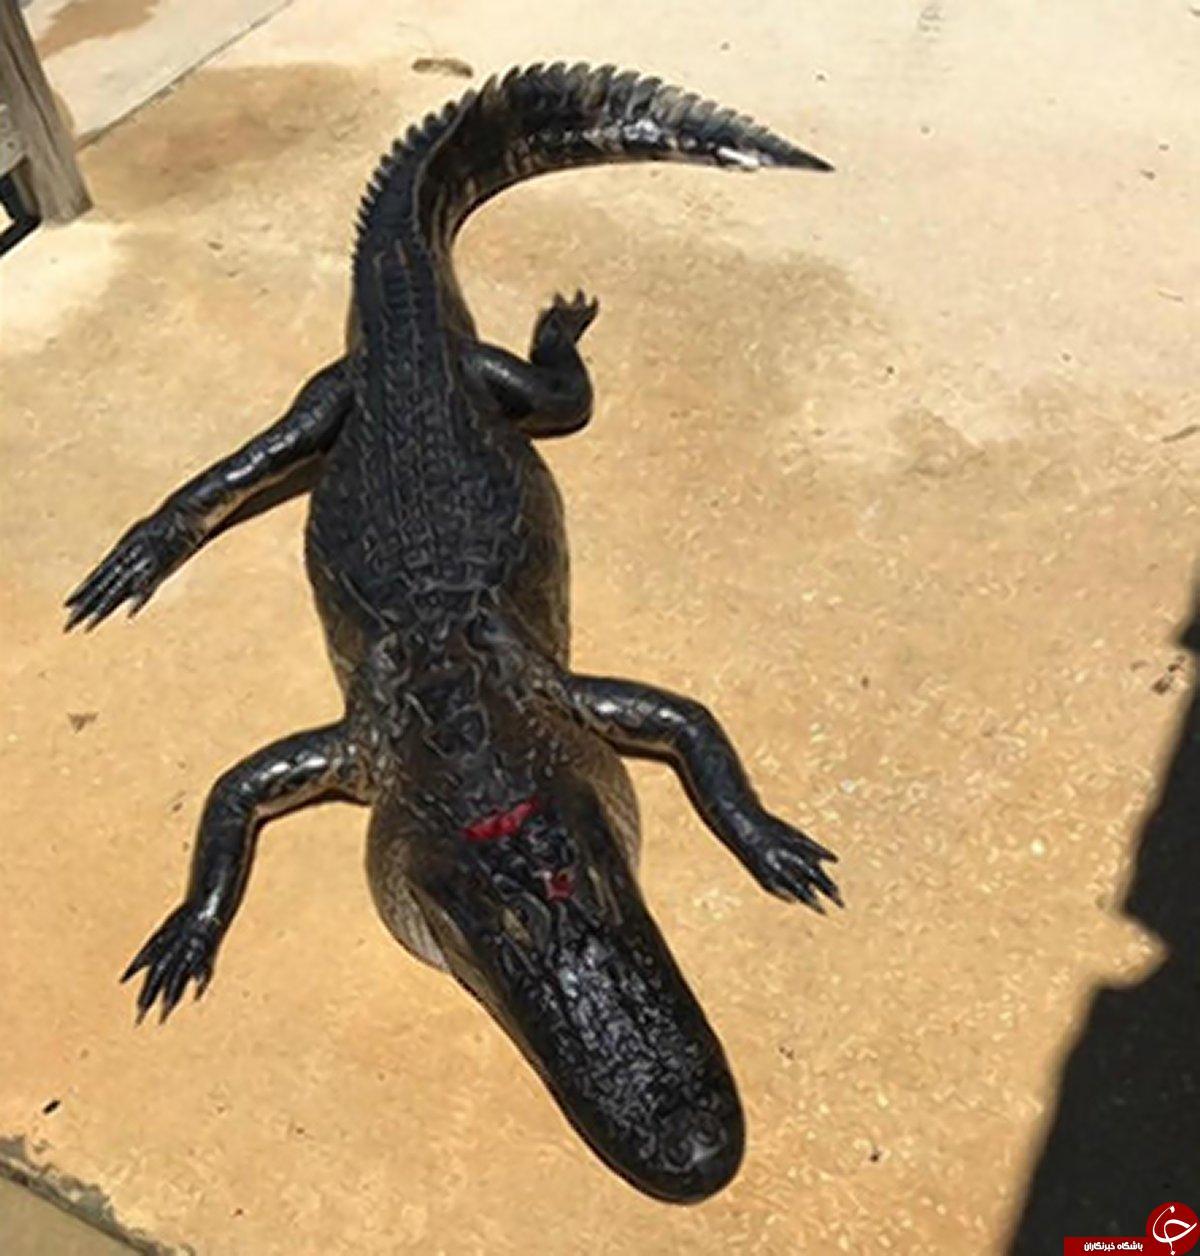 فرار معجزه آسای دختر 10 ساله از تمساح 3 متری + تصاویر